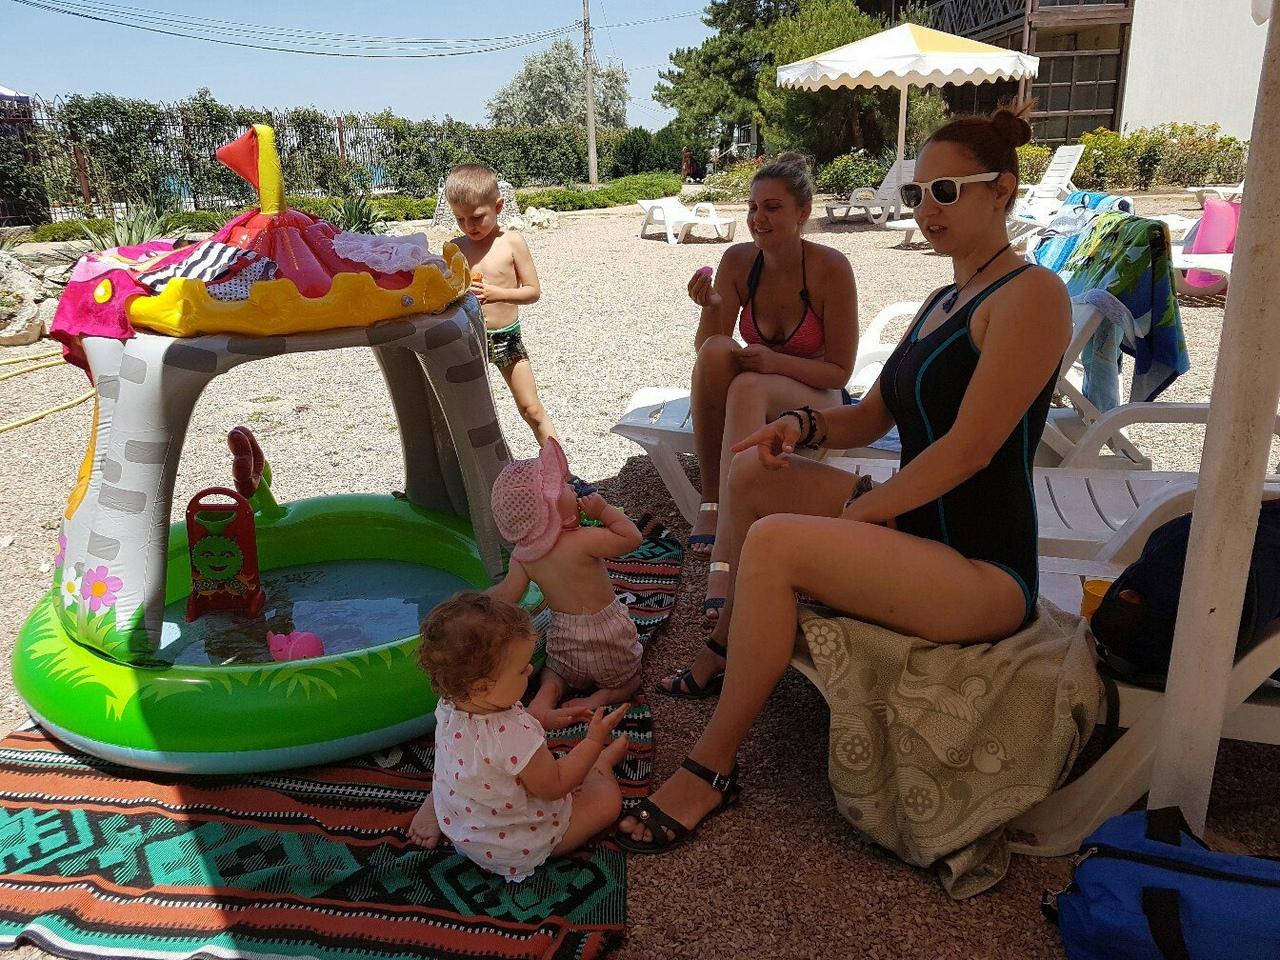 Обратите внимание бассейн-плескалка стоит на прочном паласе. Мамы и дети в тени.